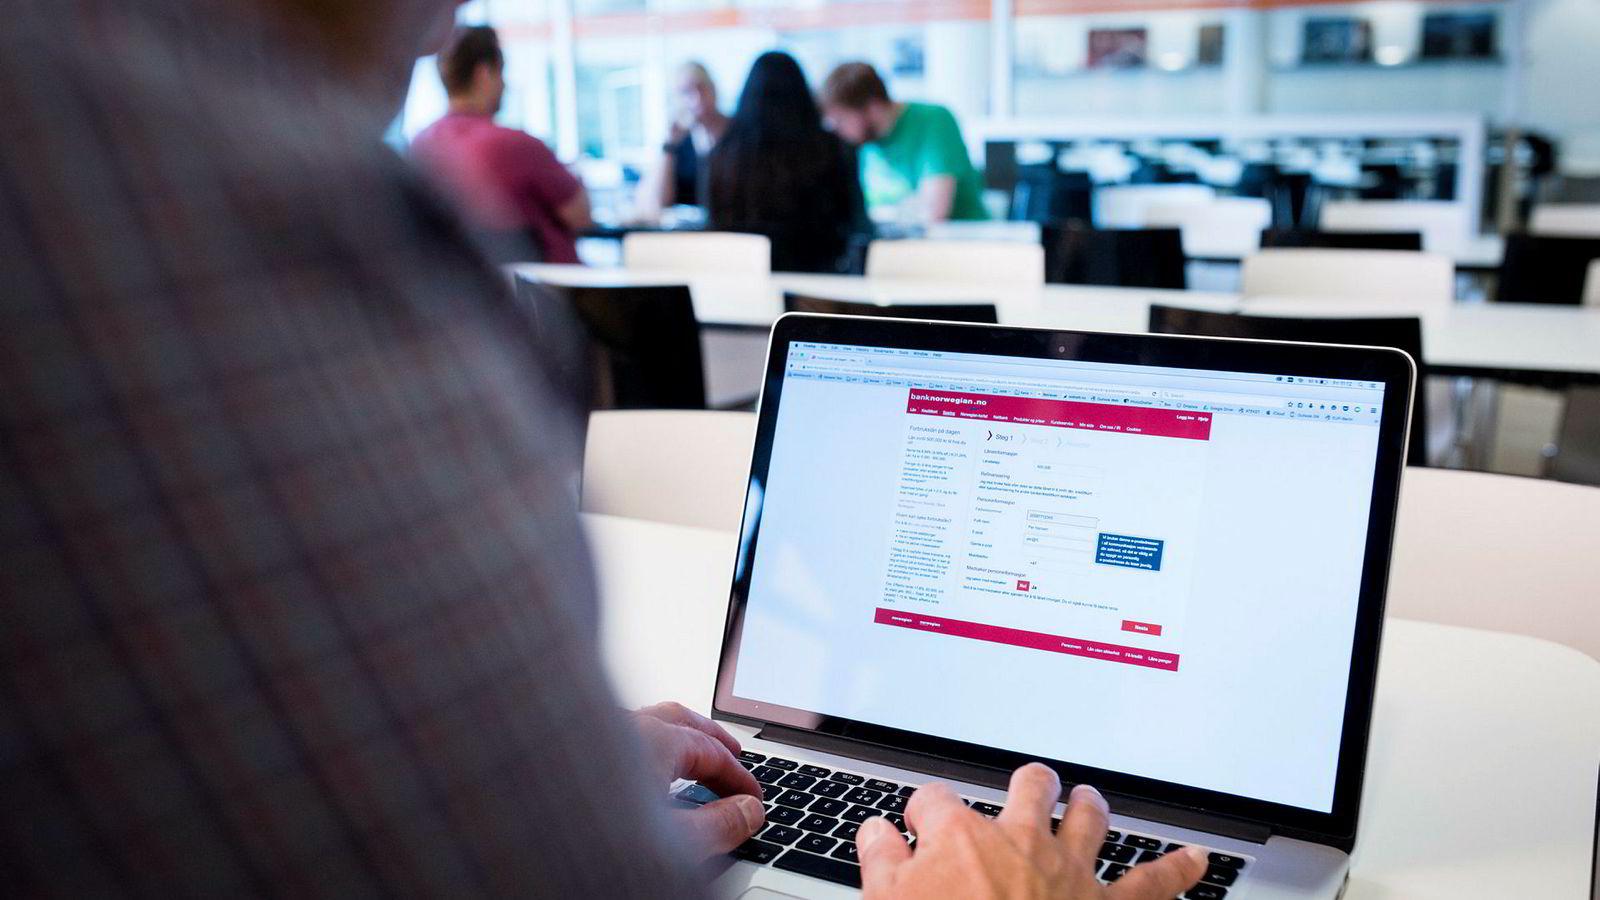 Andelen svake lån er meget høy i Norge, Sverige og Finland, mens Danmark skiller seg ut med «bare» 15 prosent svake lån, skriver artikkelforfatteren.